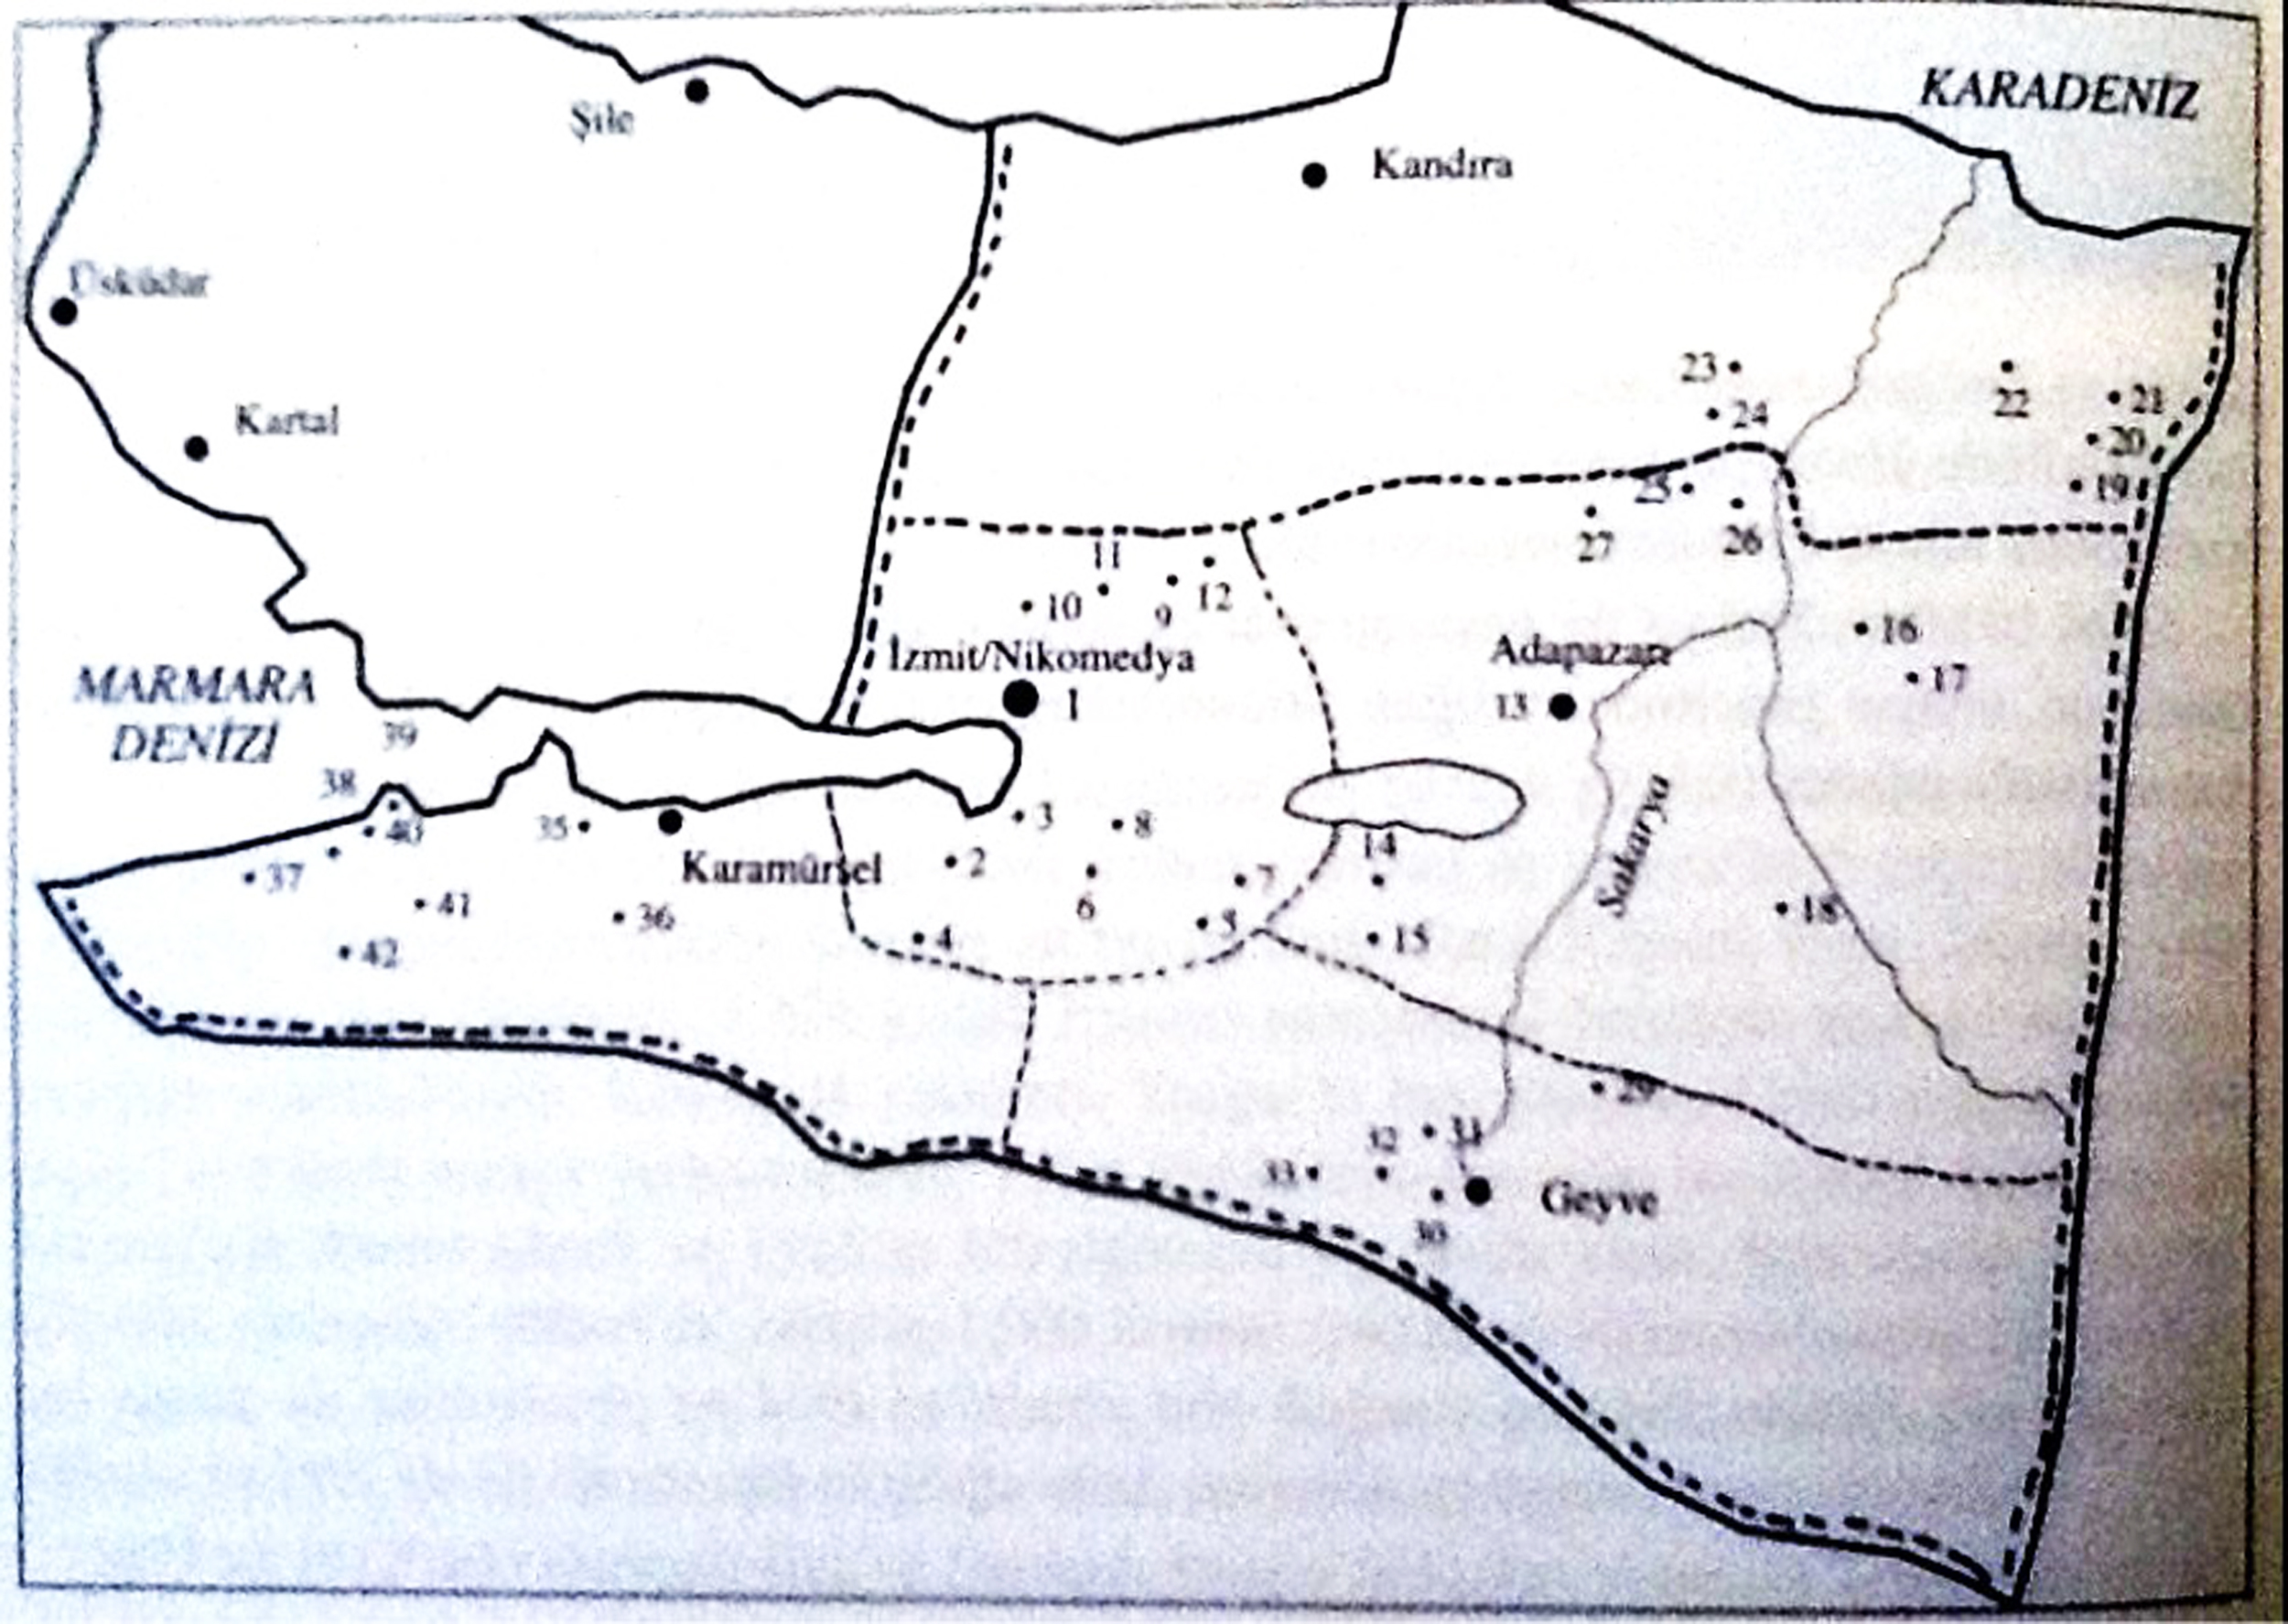 Adapazarı İzmit Sancağı Harita.jpg